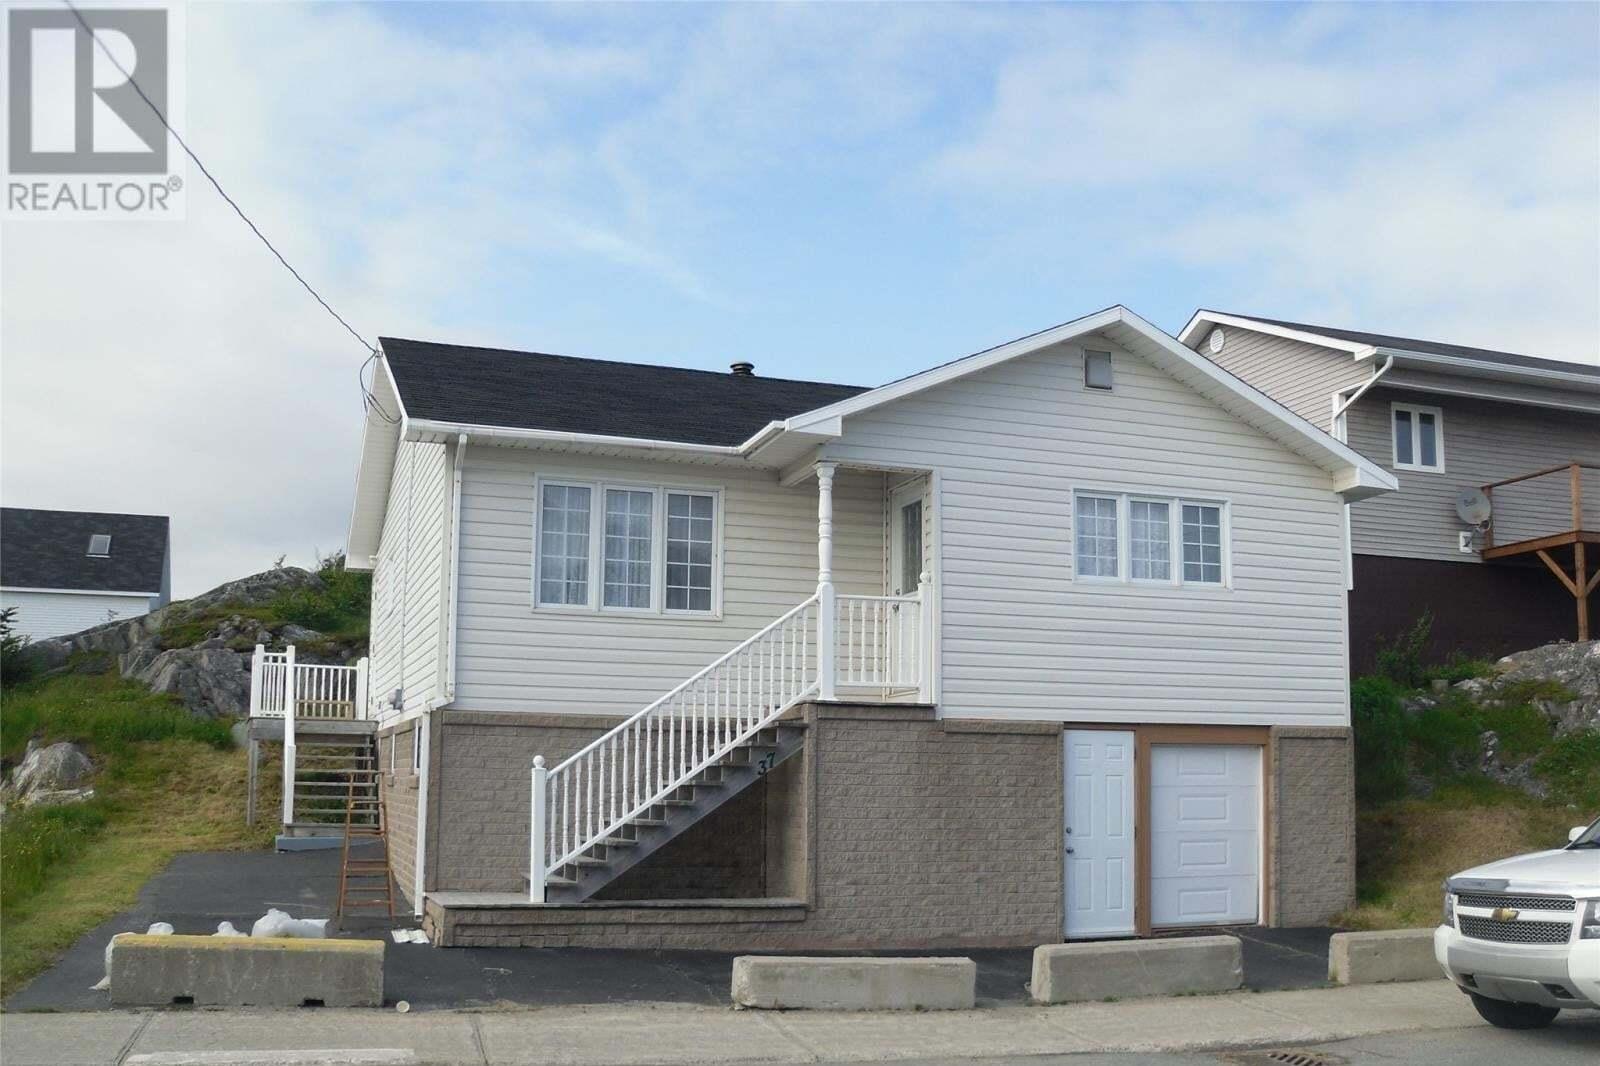 House for sale at 37 Legallais St Port Aux Basques Newfoundland - MLS: 1216064